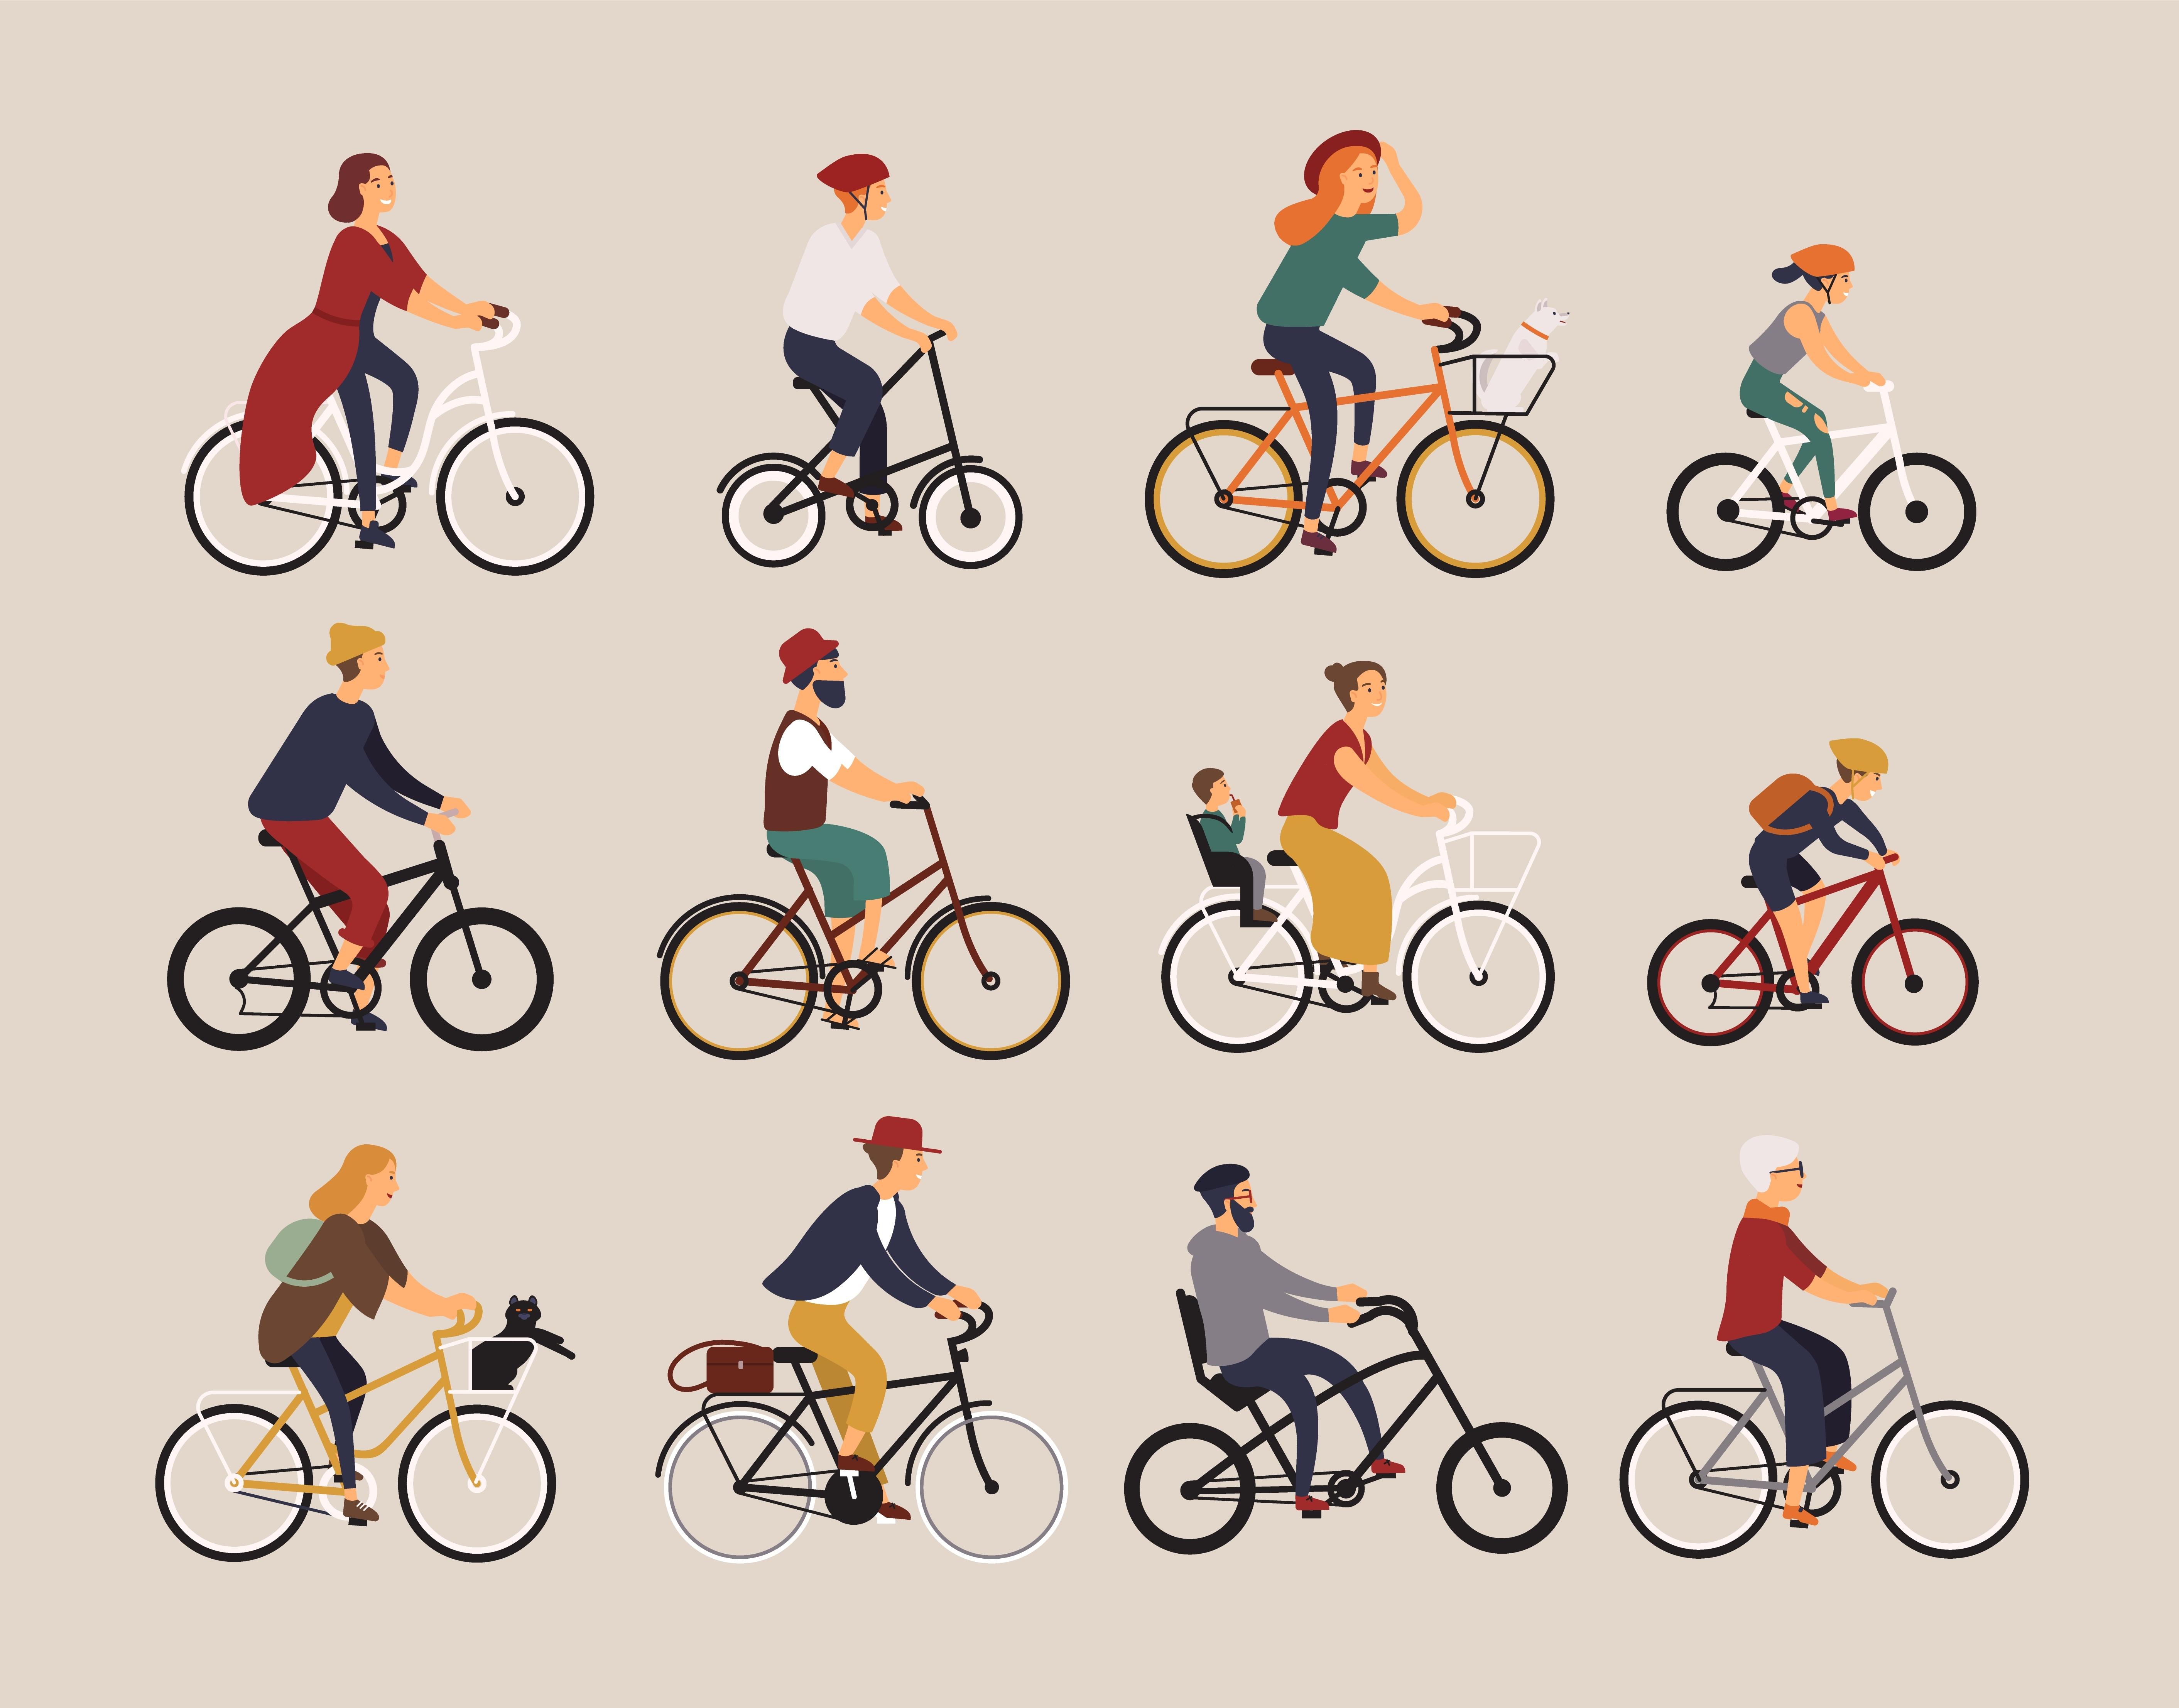 Bicicletta sicura per tutta la famiglia